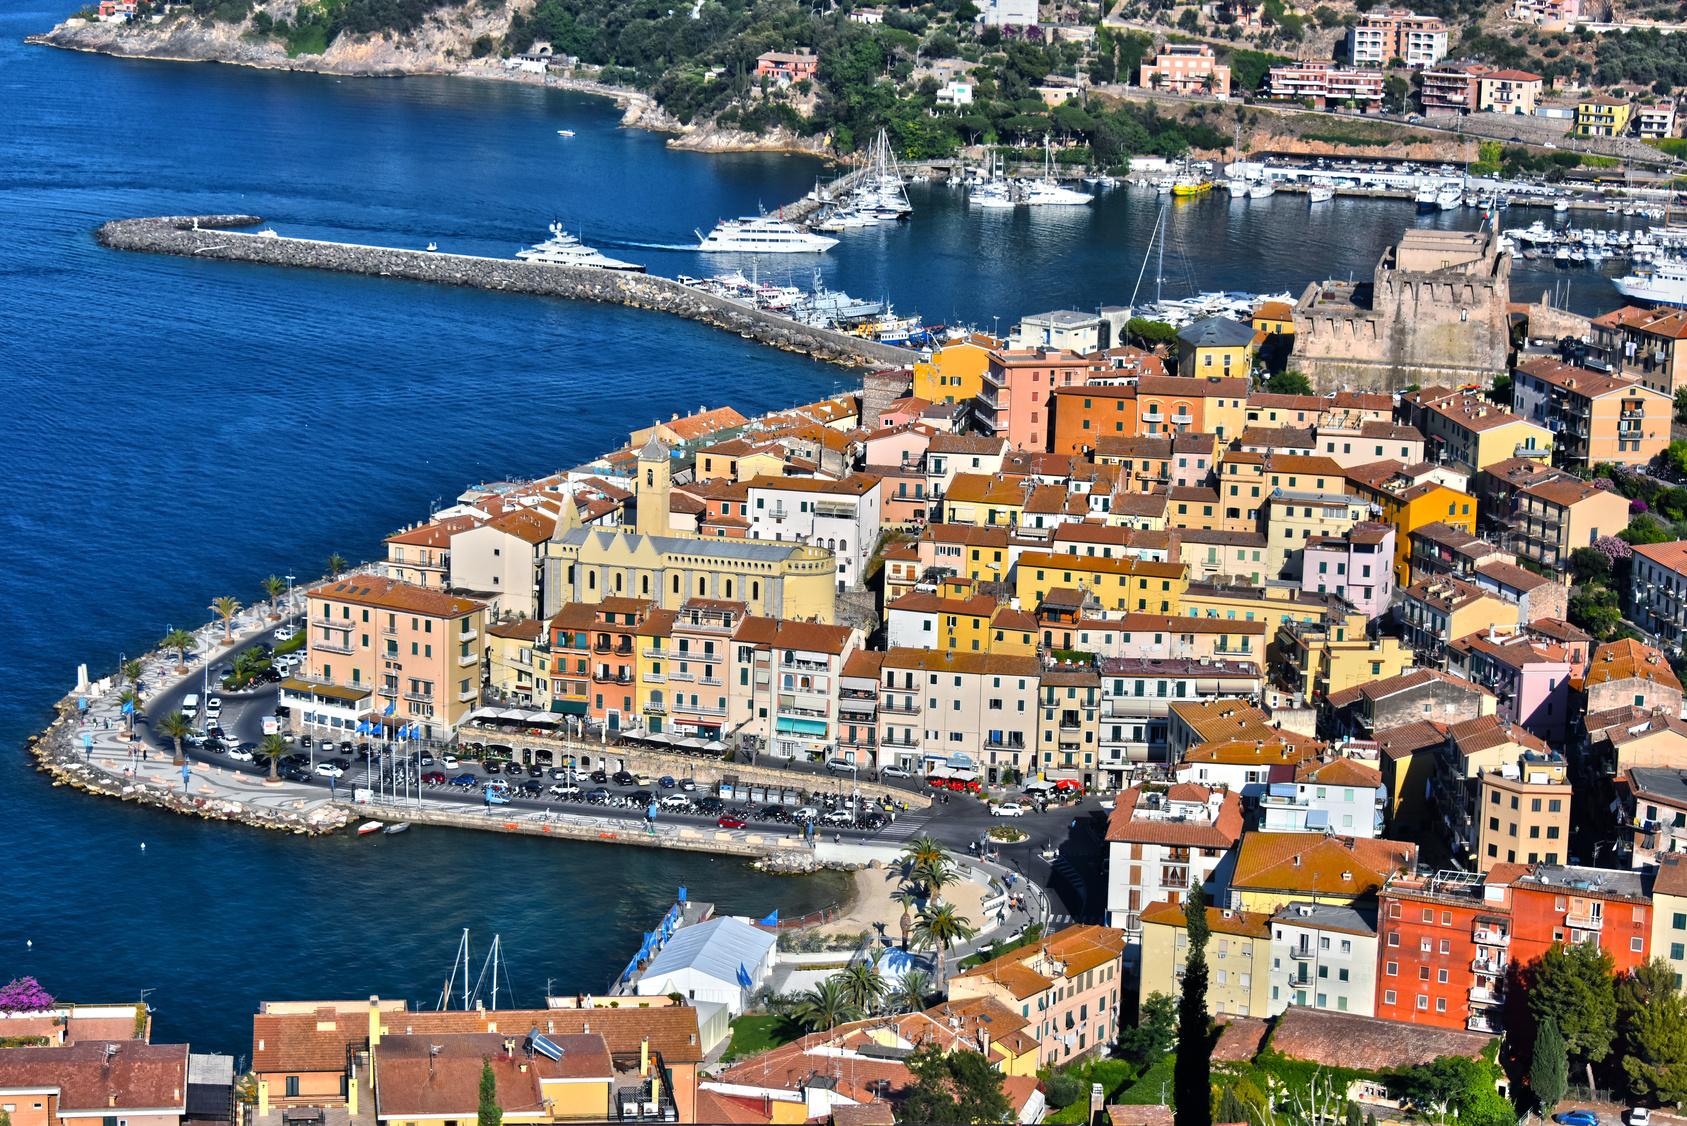 City of Porto Santo Stefano,Tuscany, Italy